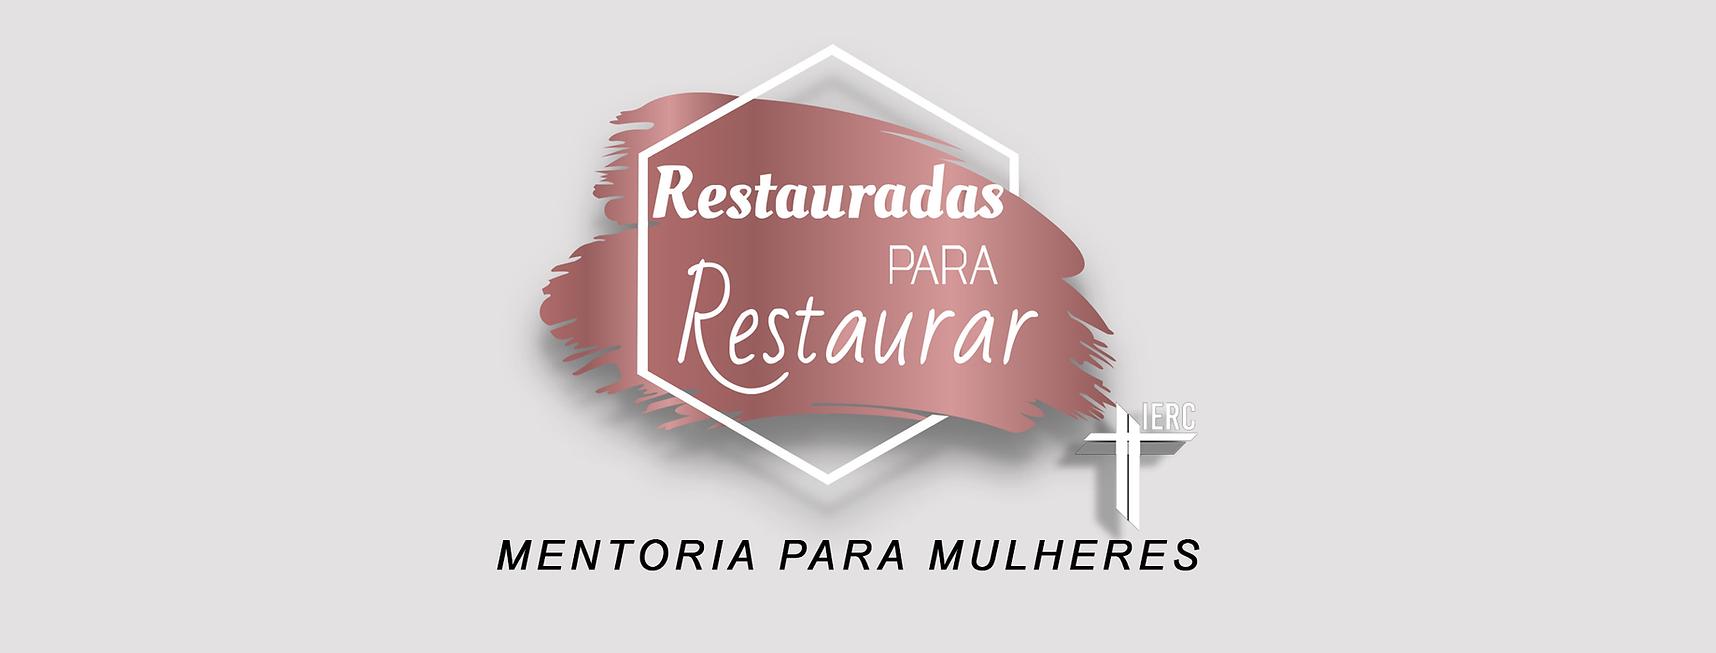 capa facebook Restauradas site.png